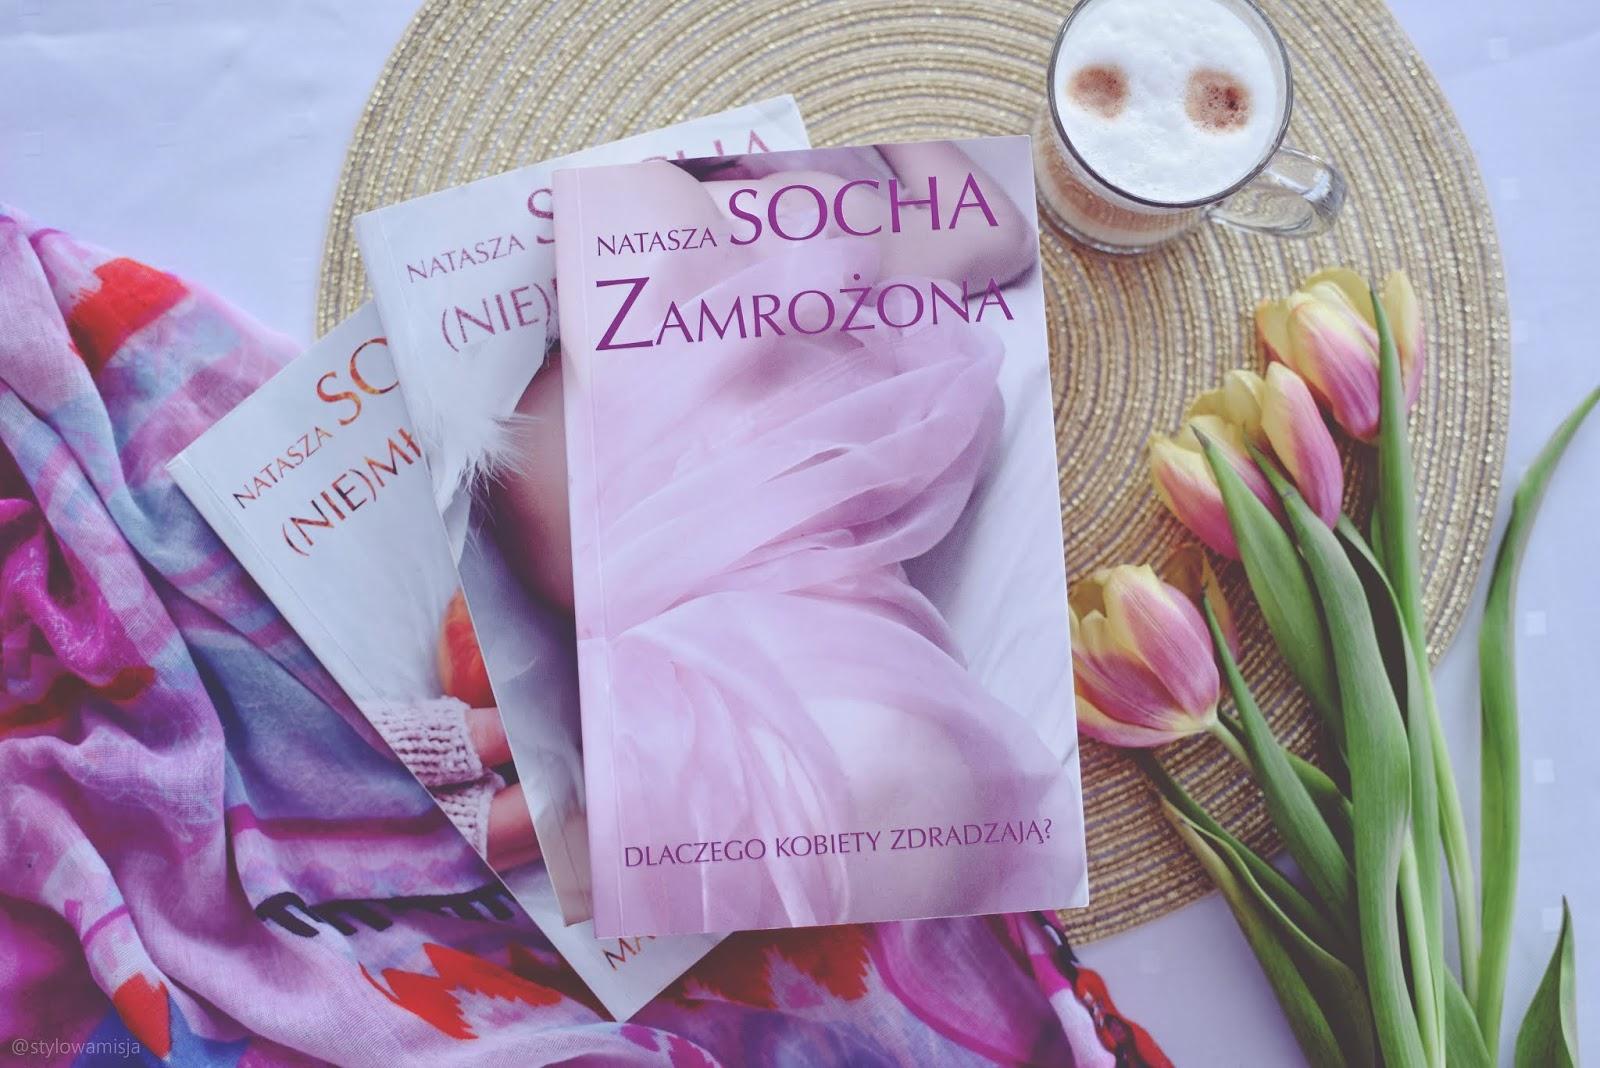 miłość, NataszaSocha, opowiadanie, powieśćobyczajowa, recenzja, romans, WydawnictwoEdipresse, Zamrożona, zdrada,